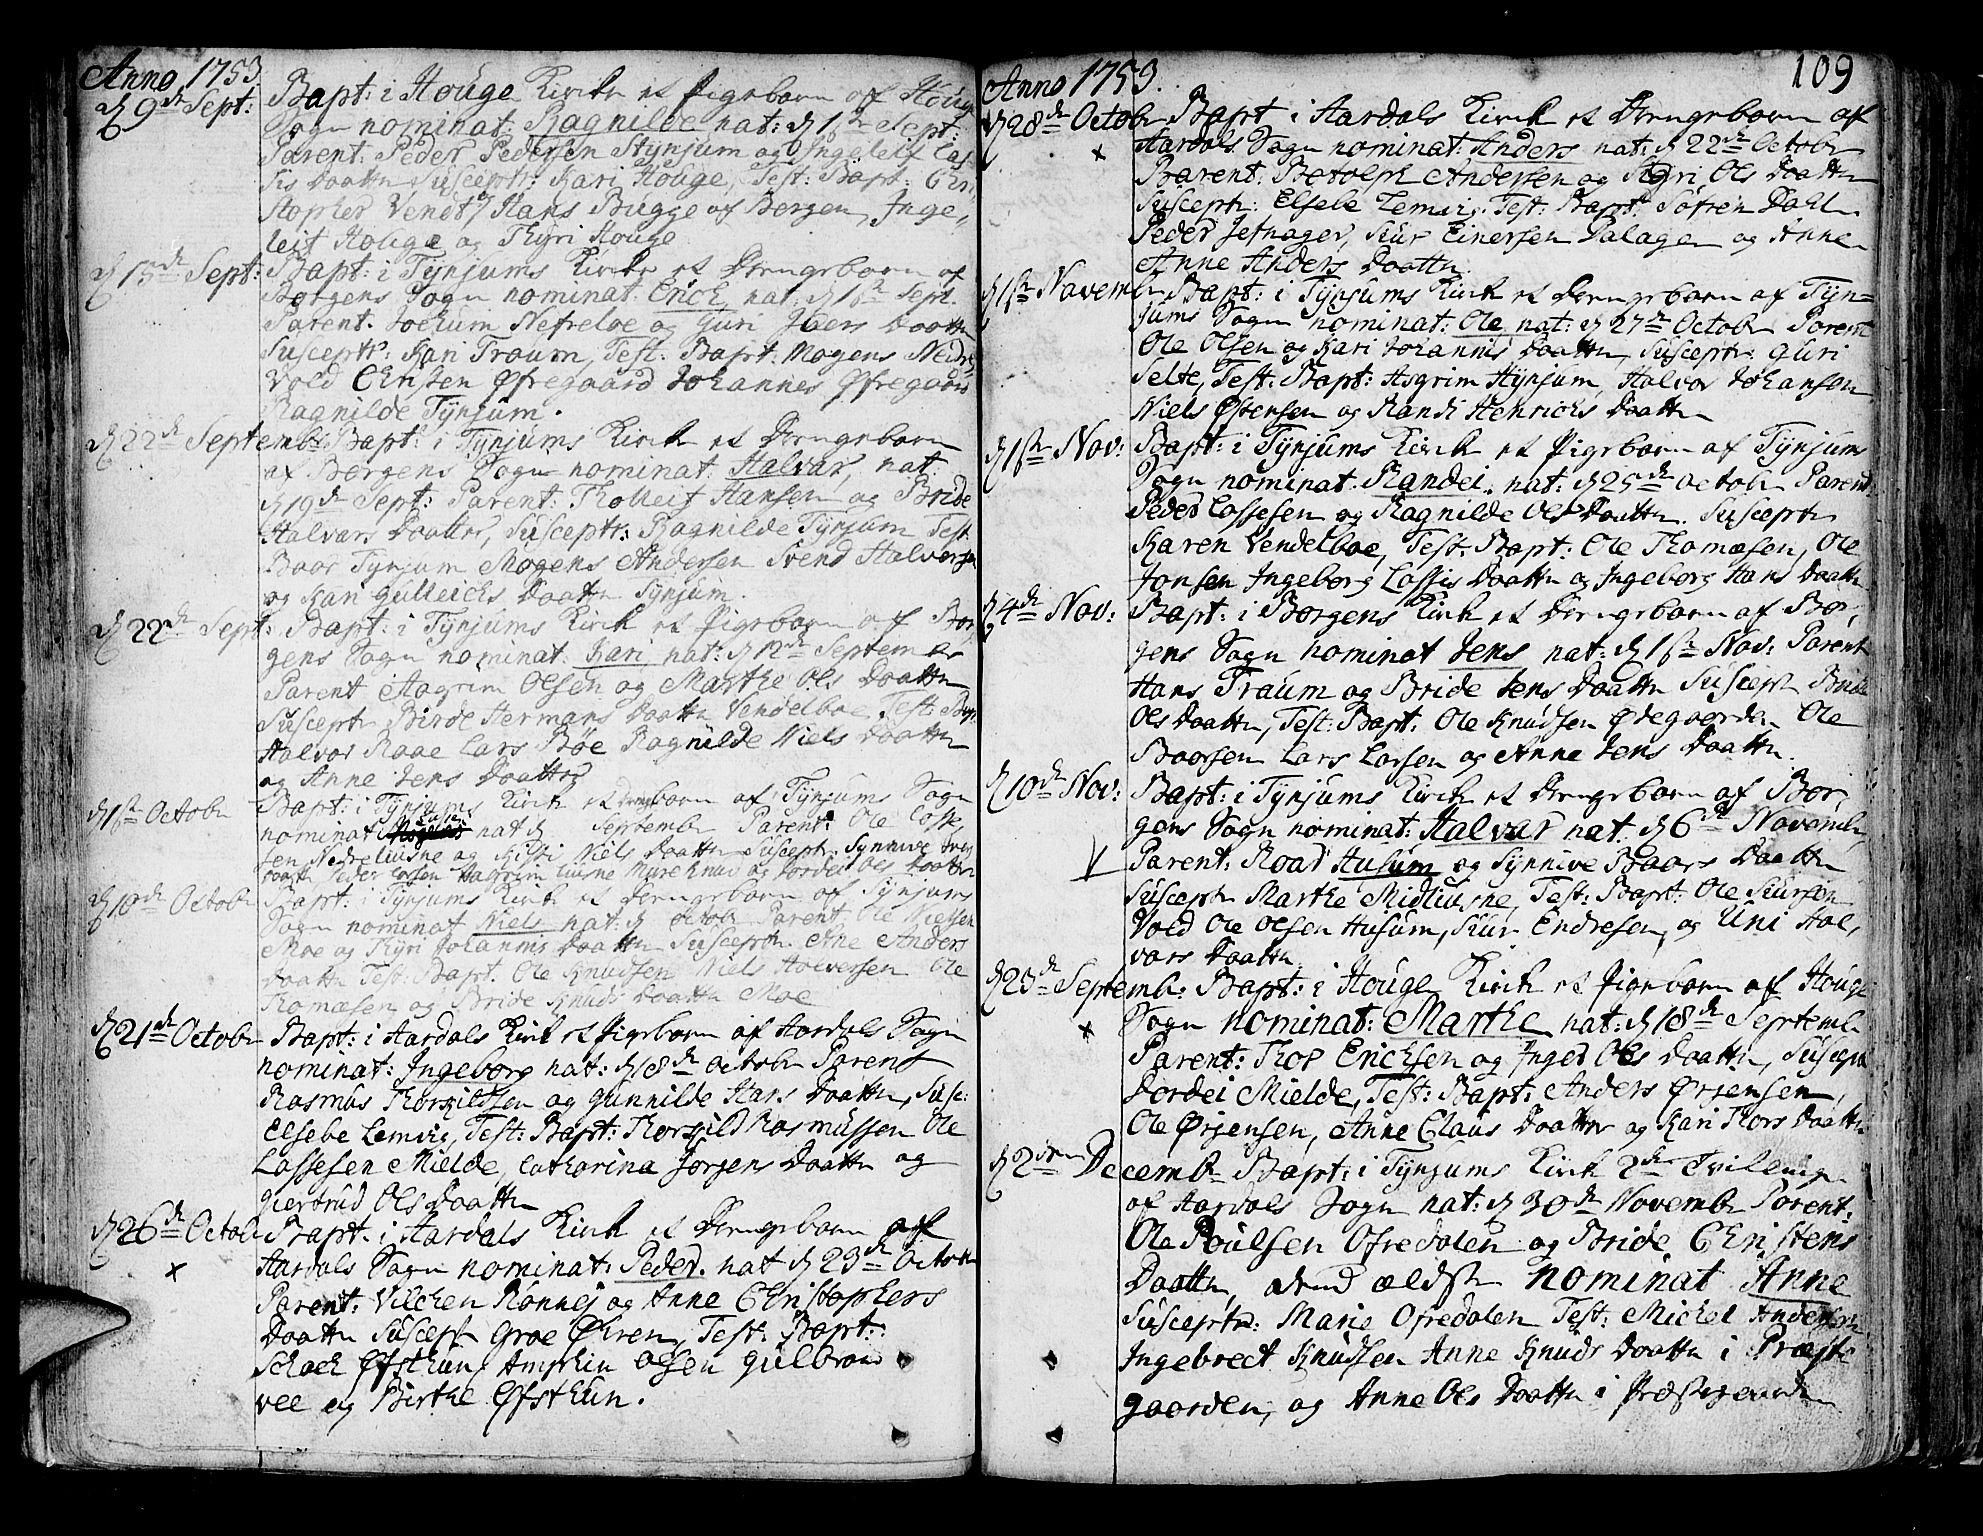 SAB, Lærdal sokneprestembete, Ministerialbok nr. A 2, 1752-1782, s. 109